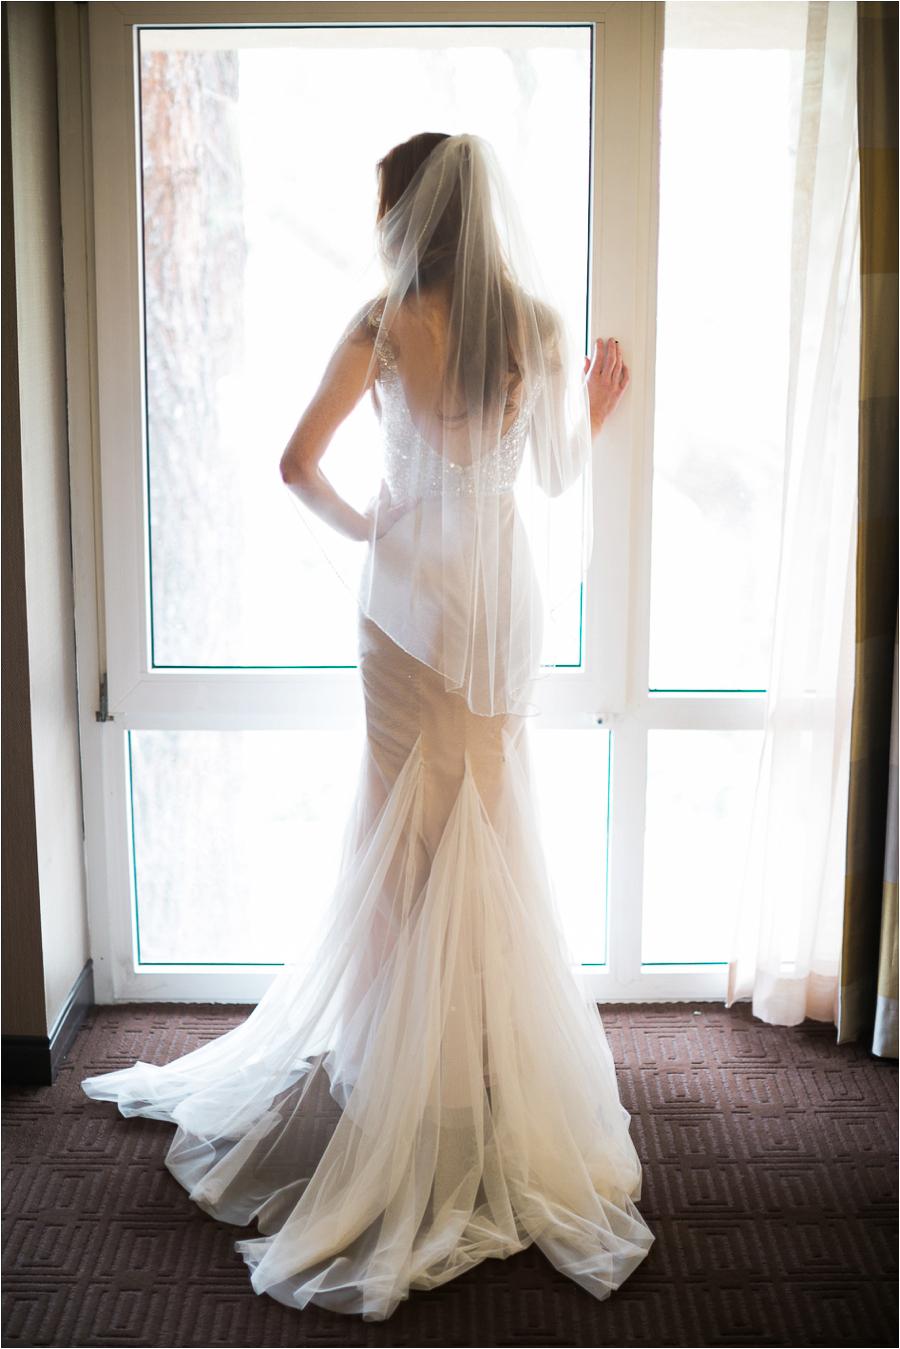 Calabasas Wedding Photographer_Taylor Kinzie Photography-51